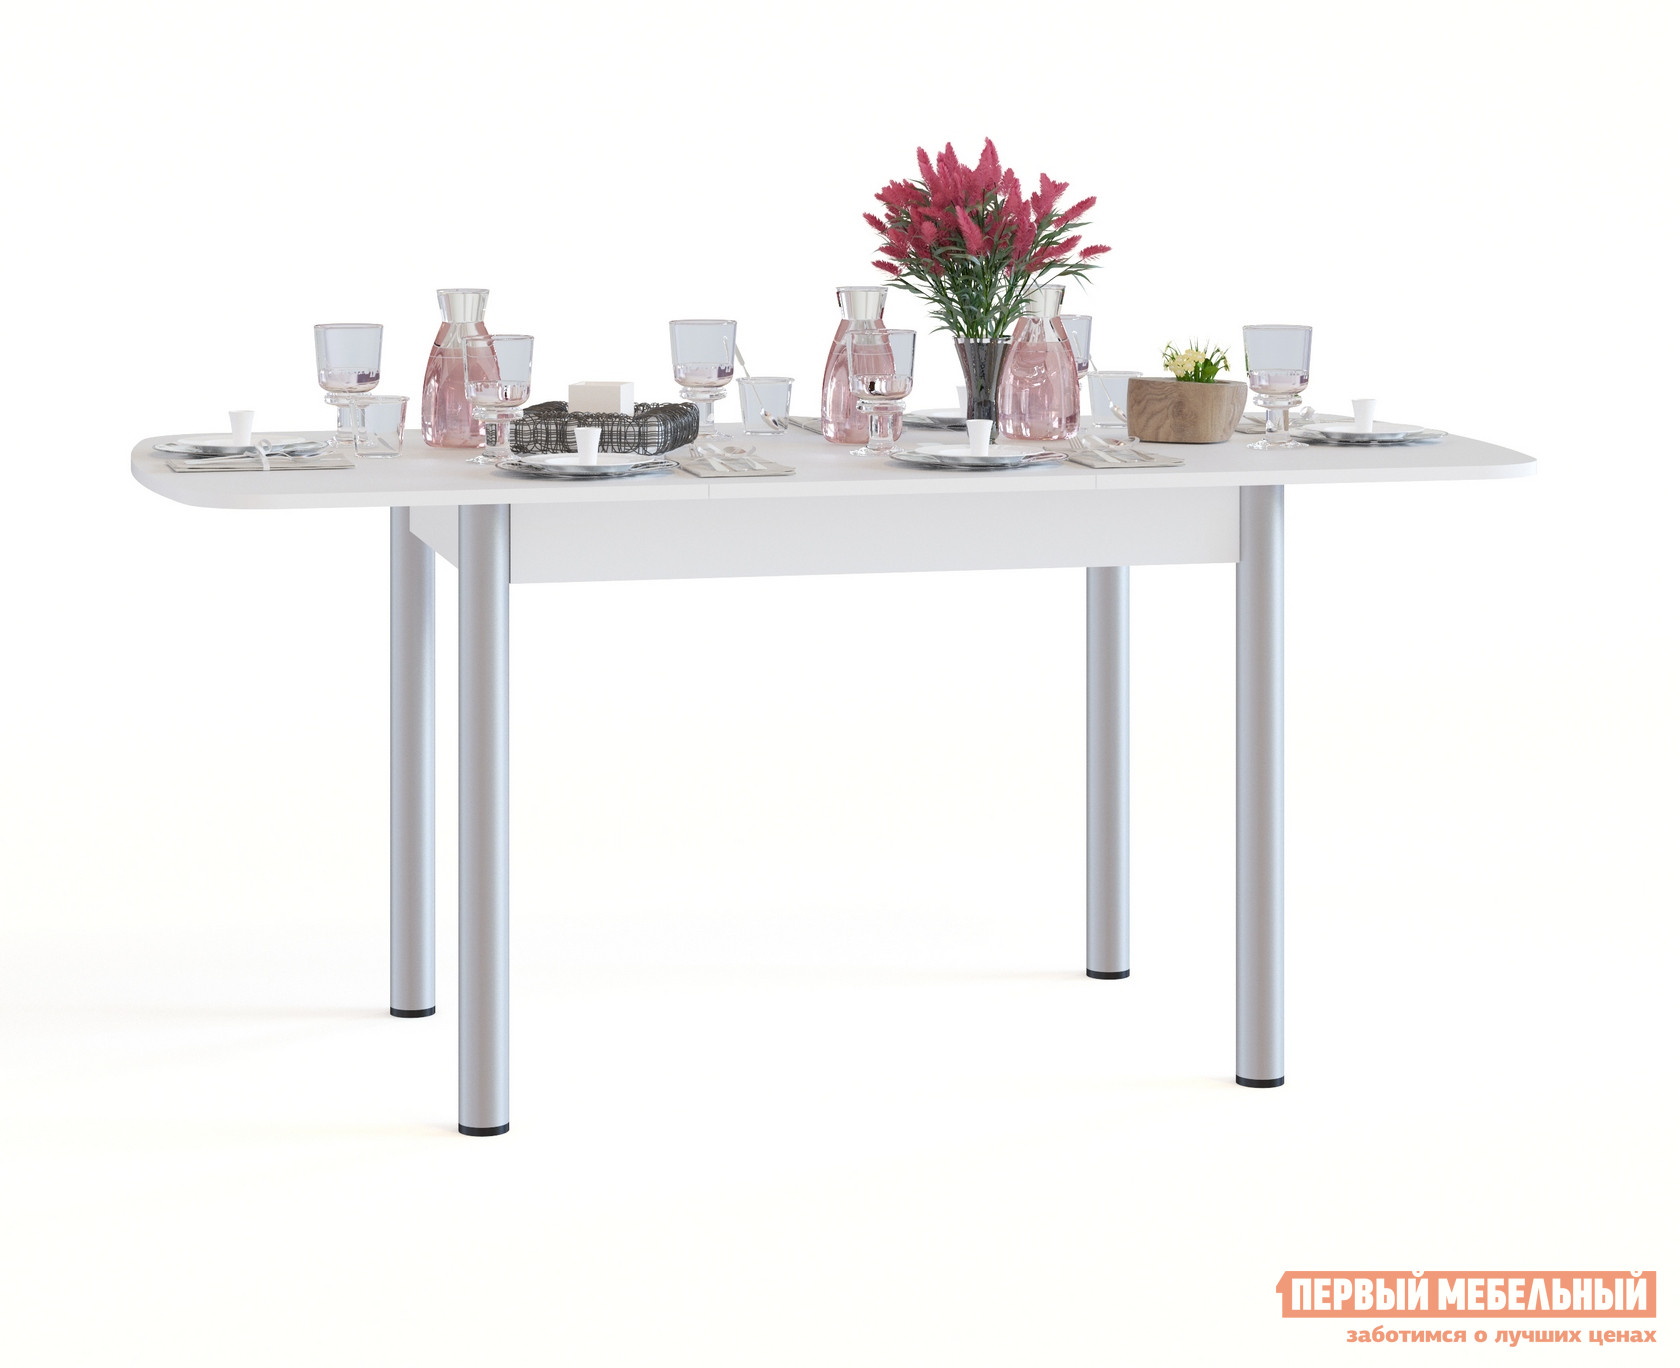 Кухонный стол Сокол СО-3м БелыйКухонные столы<br>Габаритные размеры ВхШхГ 756x1200 / 1646x800 мм. Овальный раскладной обеденный стол на металлических ножках.  Идеальный вариант для кухни как дома, так и на даче.  Модель оборудована раздвижным механизмом «бабочка», благодаря которому, за счет дополнительной вставки размером 446 мм, ширина столешницы увеличивается до 1646 мм.  В сложенном состоянии вставка хранится в столе.  Чтобы разложить стол, нужно раздвинуть столешницу в стороны, достать вставку и раскрыть ее между частями столешницами. Изделие изготавливается из ЛДСП толщиной 16 мм. Столешница обработана кромкой ПВХ толщиной 2 мм, остальные детали в кромке ПВХ 0,4 мм. Рекомендуем сохранить инструкцию по сборке (паспорт изделия) до истечения гарантийного срока.<br><br>Цвет: Белый<br>Высота мм: 756<br>Ширина мм: 1200 / 1646<br>Глубина мм: 800<br>Кол-во упаковок: 1<br>Форма поставки: В разобранном виде<br>Срок гарантии: 2 года<br>Тип: Раздвижные<br>Тип: Трансформер<br>Материал: Дерево<br>Материал: ЛДСП<br>Форма: Овальные<br>Размер: Большие<br>С металлическими ножками: Да